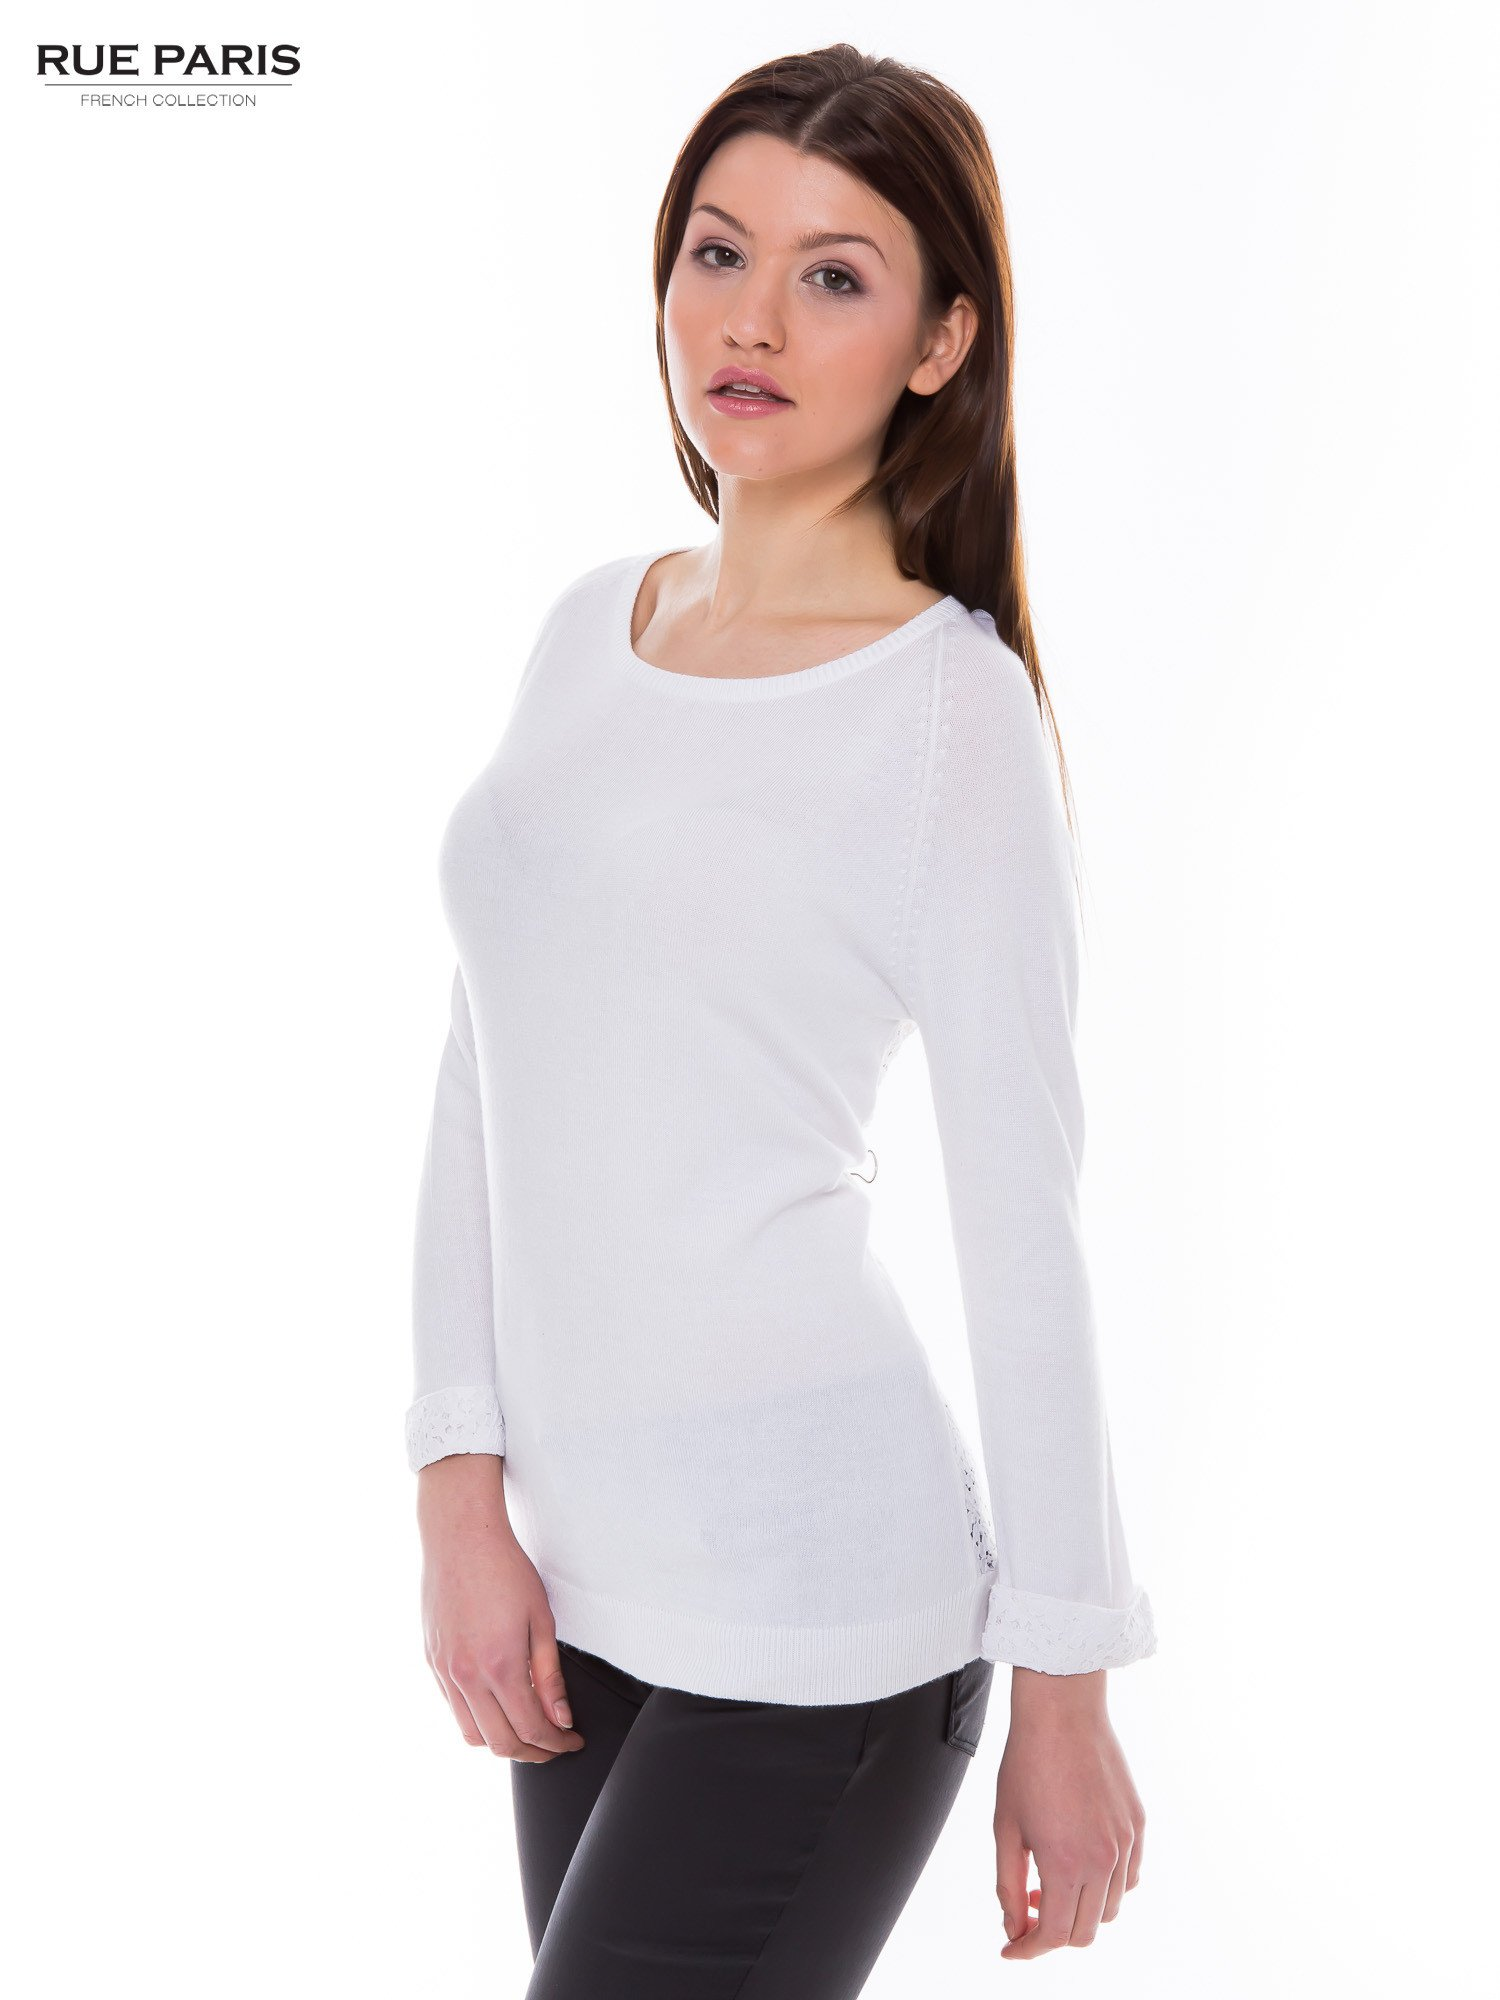 Biały sweter z długim rękawem wykończonym koronkowym mankietem                                  zdj.                                  2